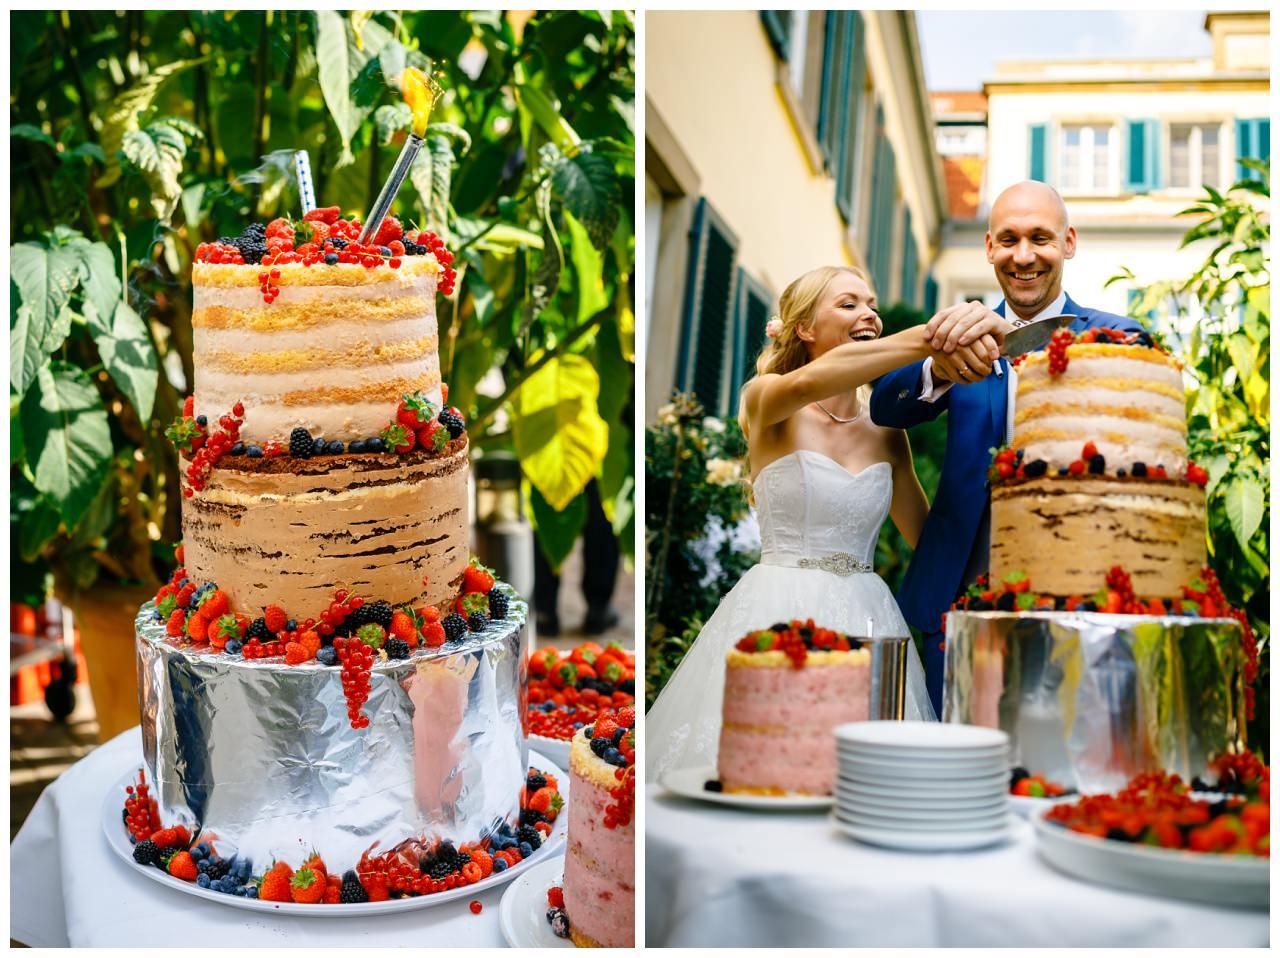 Die Hochzeitstorte mit frischen Früchten bei der Hochzeit auf Schloss Berge in Gelsenkirchen.